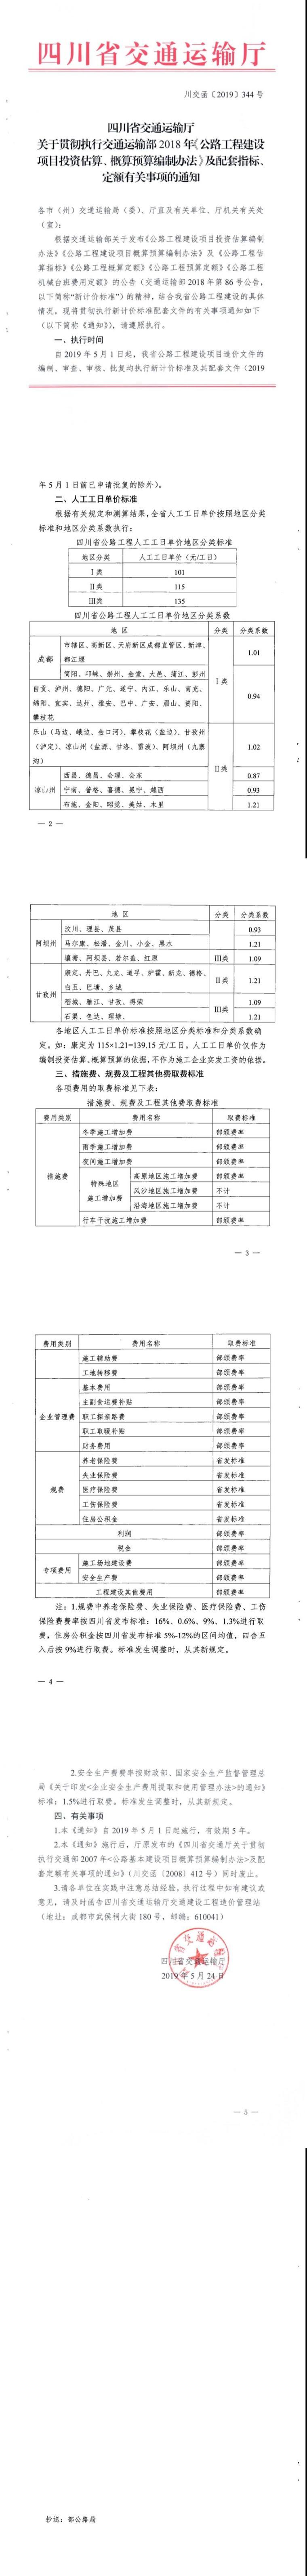 四川省公路工程建设项目补充定额